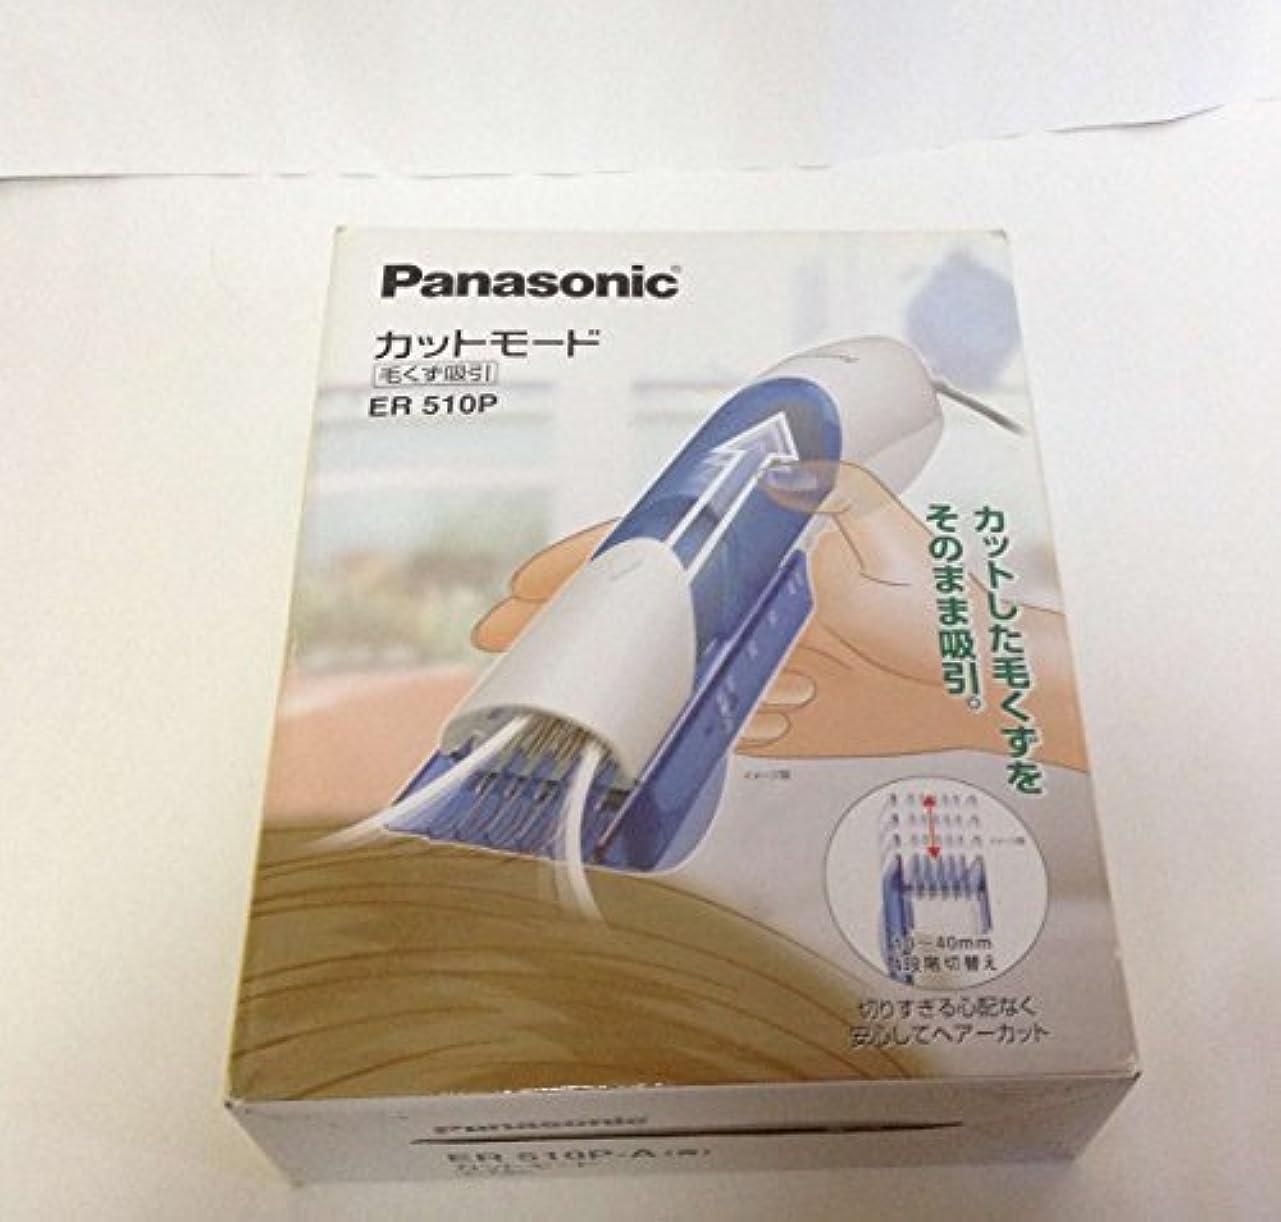 略す物足りない付添人パナソニック カットモード 毛くず吸引 青 ER510P-A